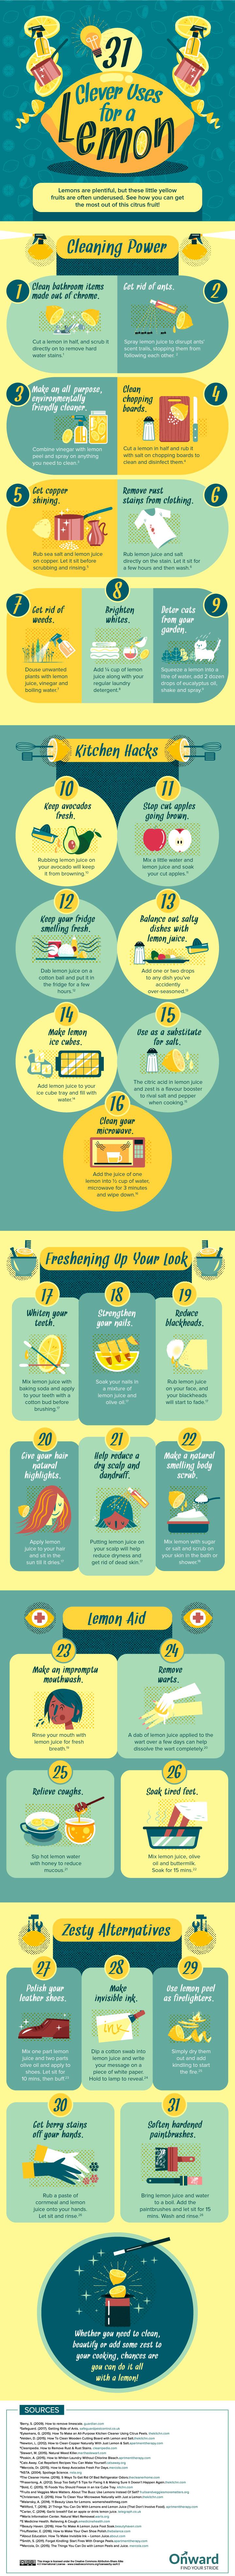 From Lemon to Super-Lemon - 31 Amazing Ways to Use a Lemon - Infographic